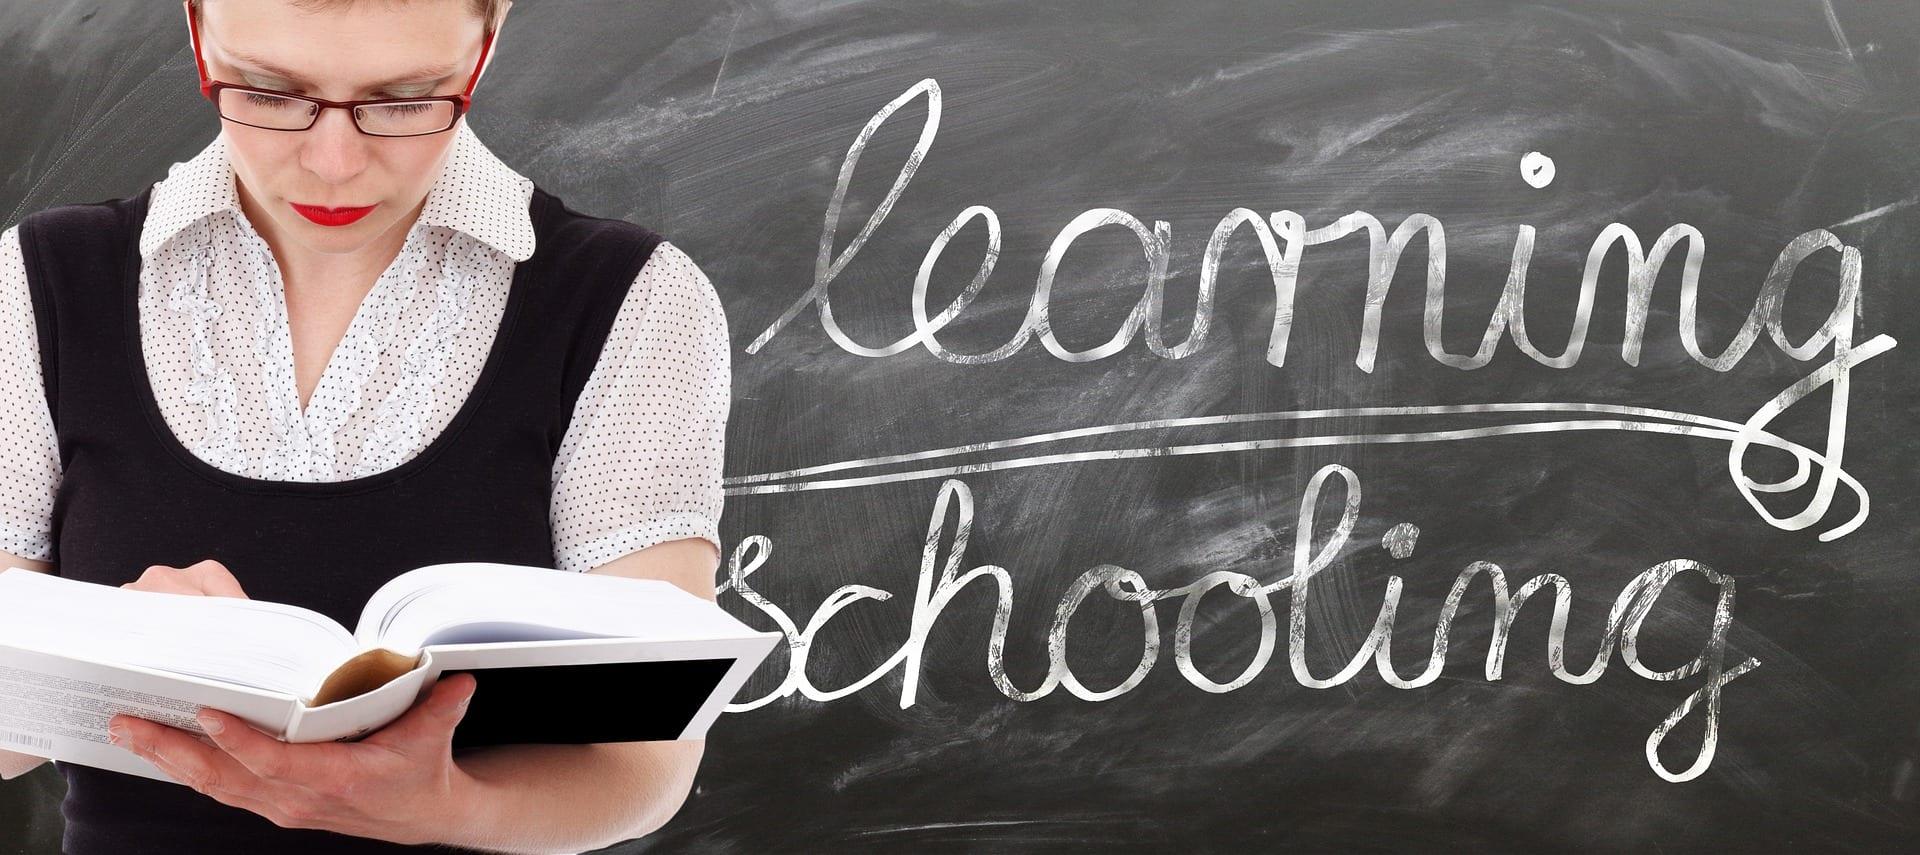 Revisión de la Evaluación Erhardt del Estilo de Enseñanza-Aprendizaje (ELSA): Resultados de un Estudio Piloto Cualitativo